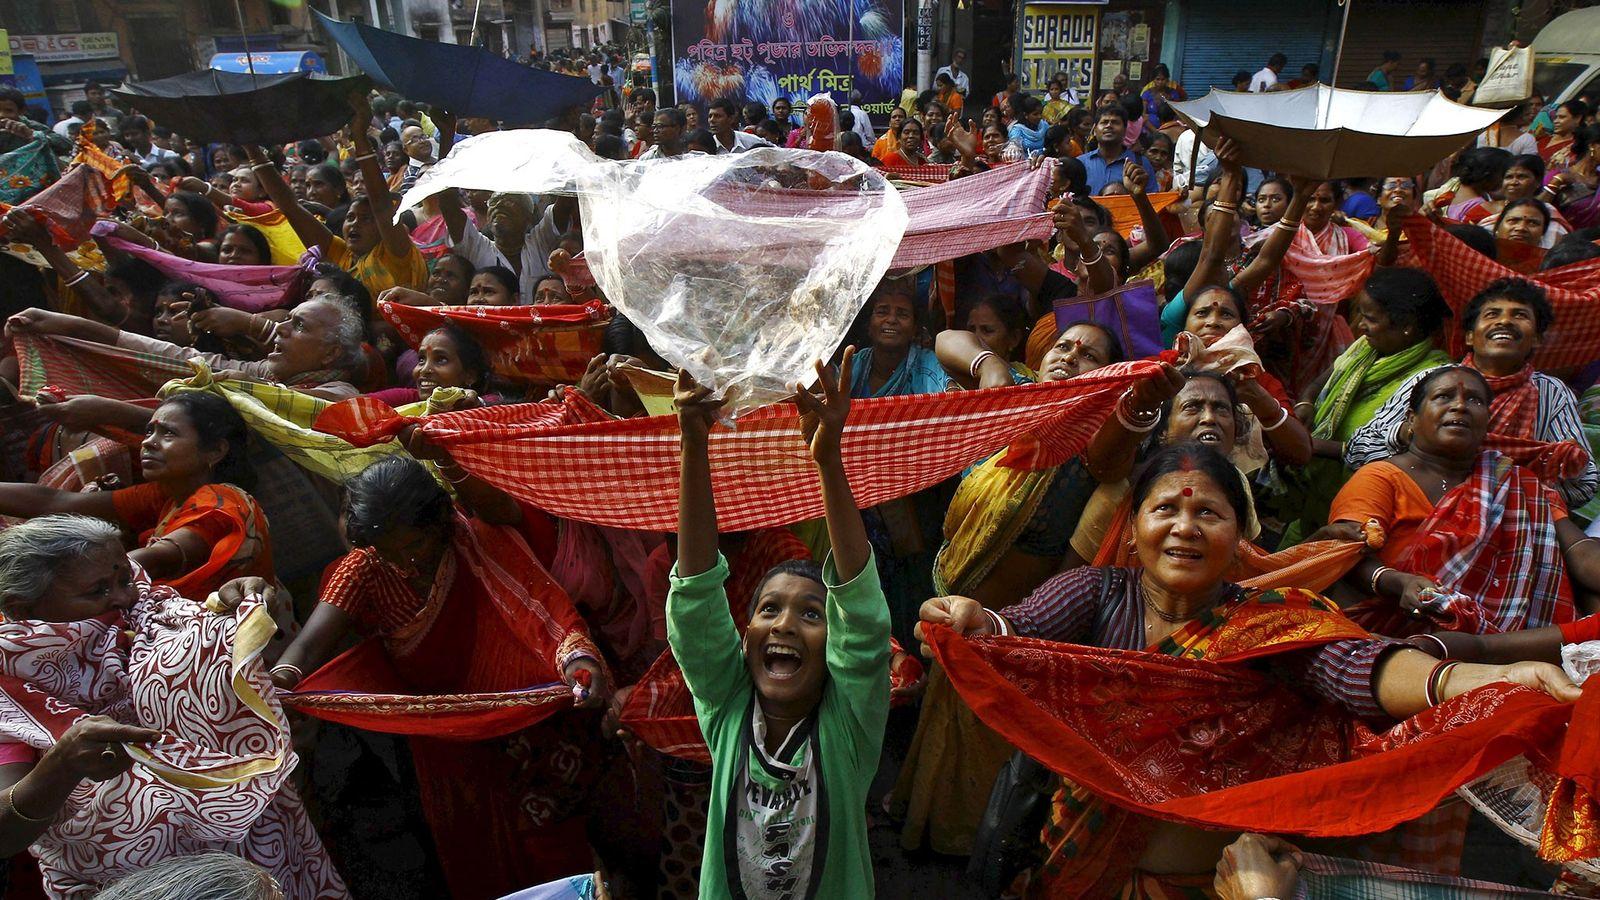 Um menino segura uma sacola plástica para receber arroz distribuído como oferenda pela autoridade do templo ...